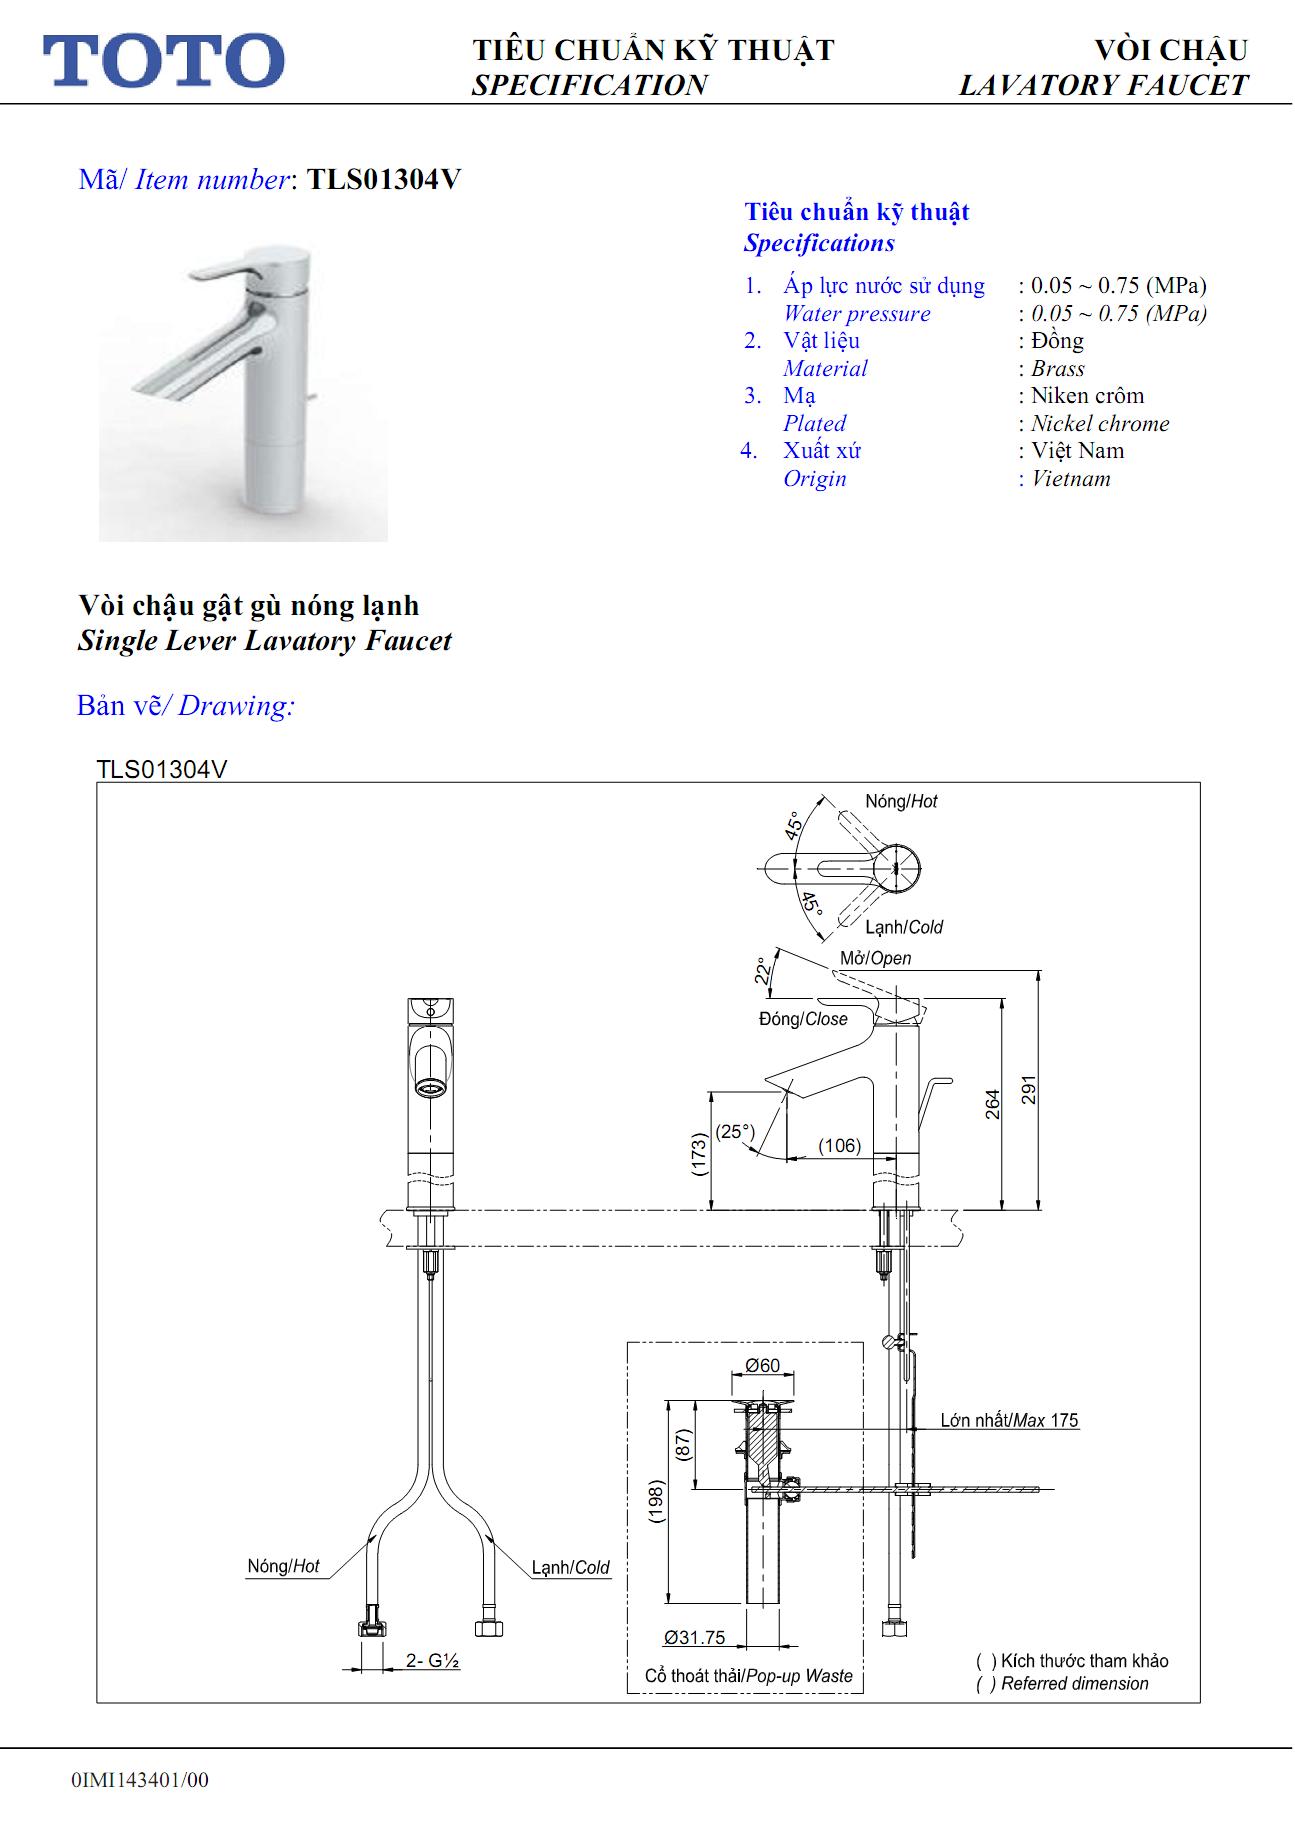 Thông số kỹ thuật Vòi chậu TOTO nóng lạnh TLG03305V